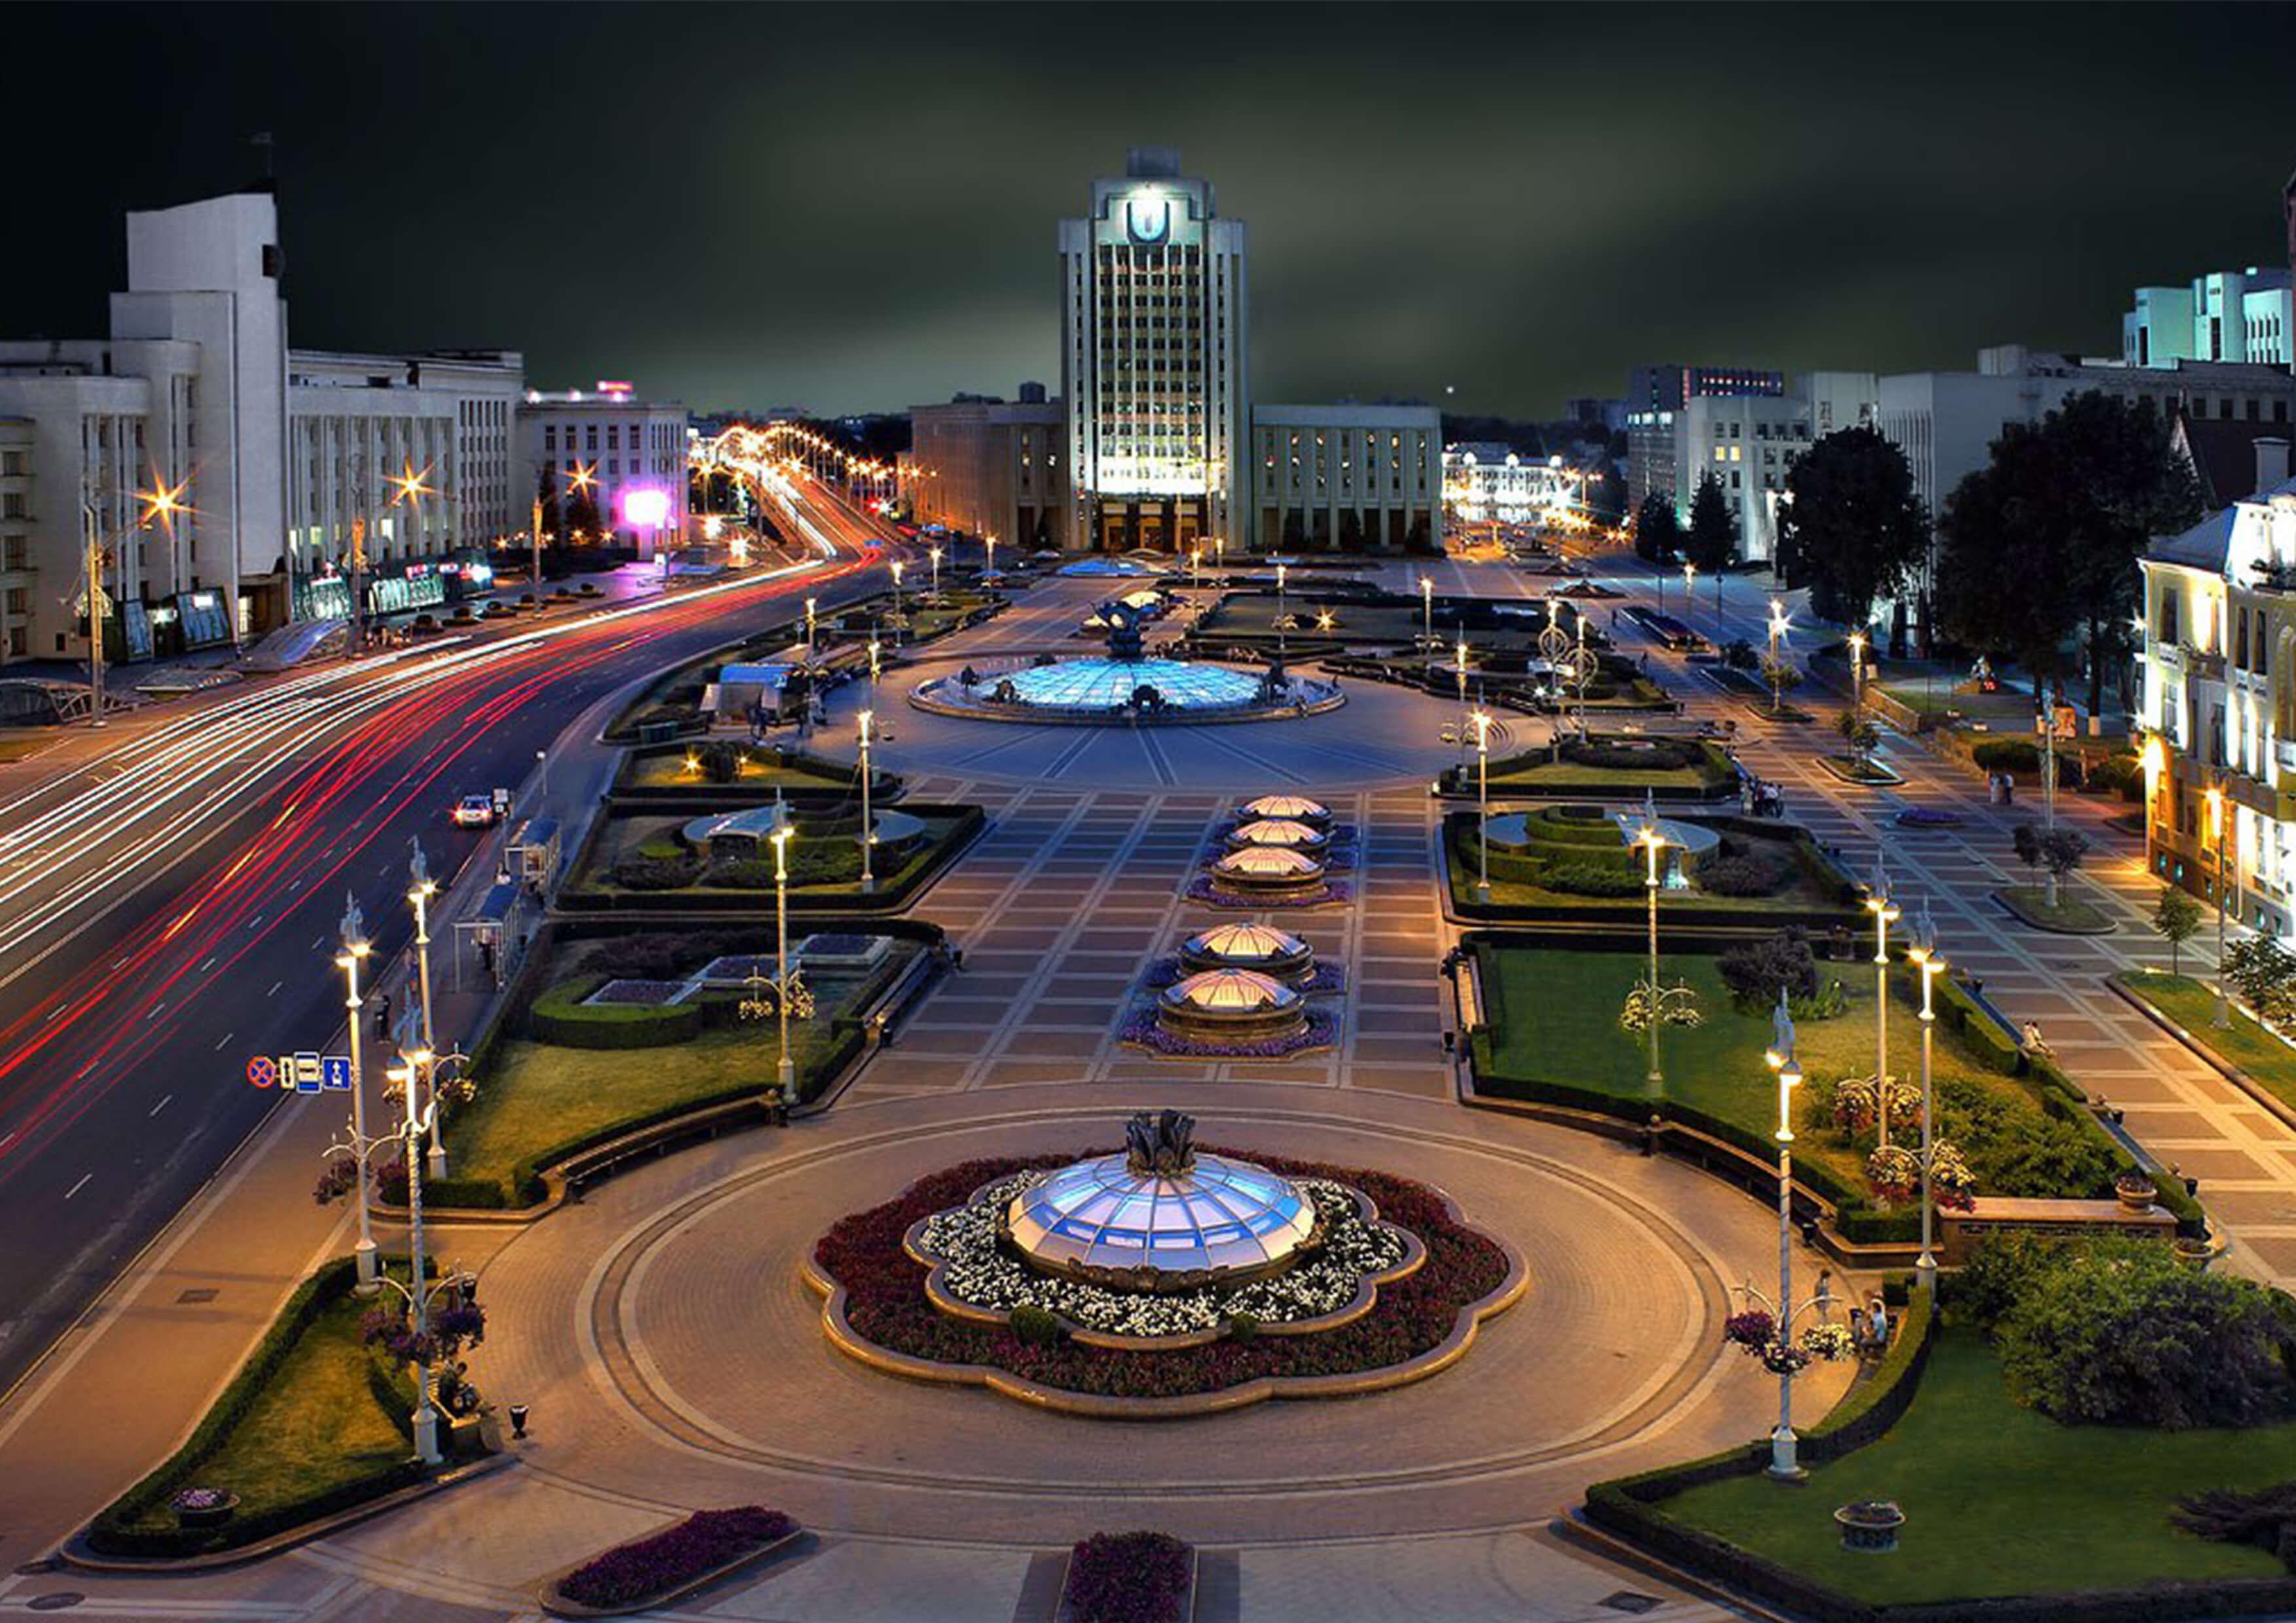 работа минск фотографии достопримечательностей города требования организации методам